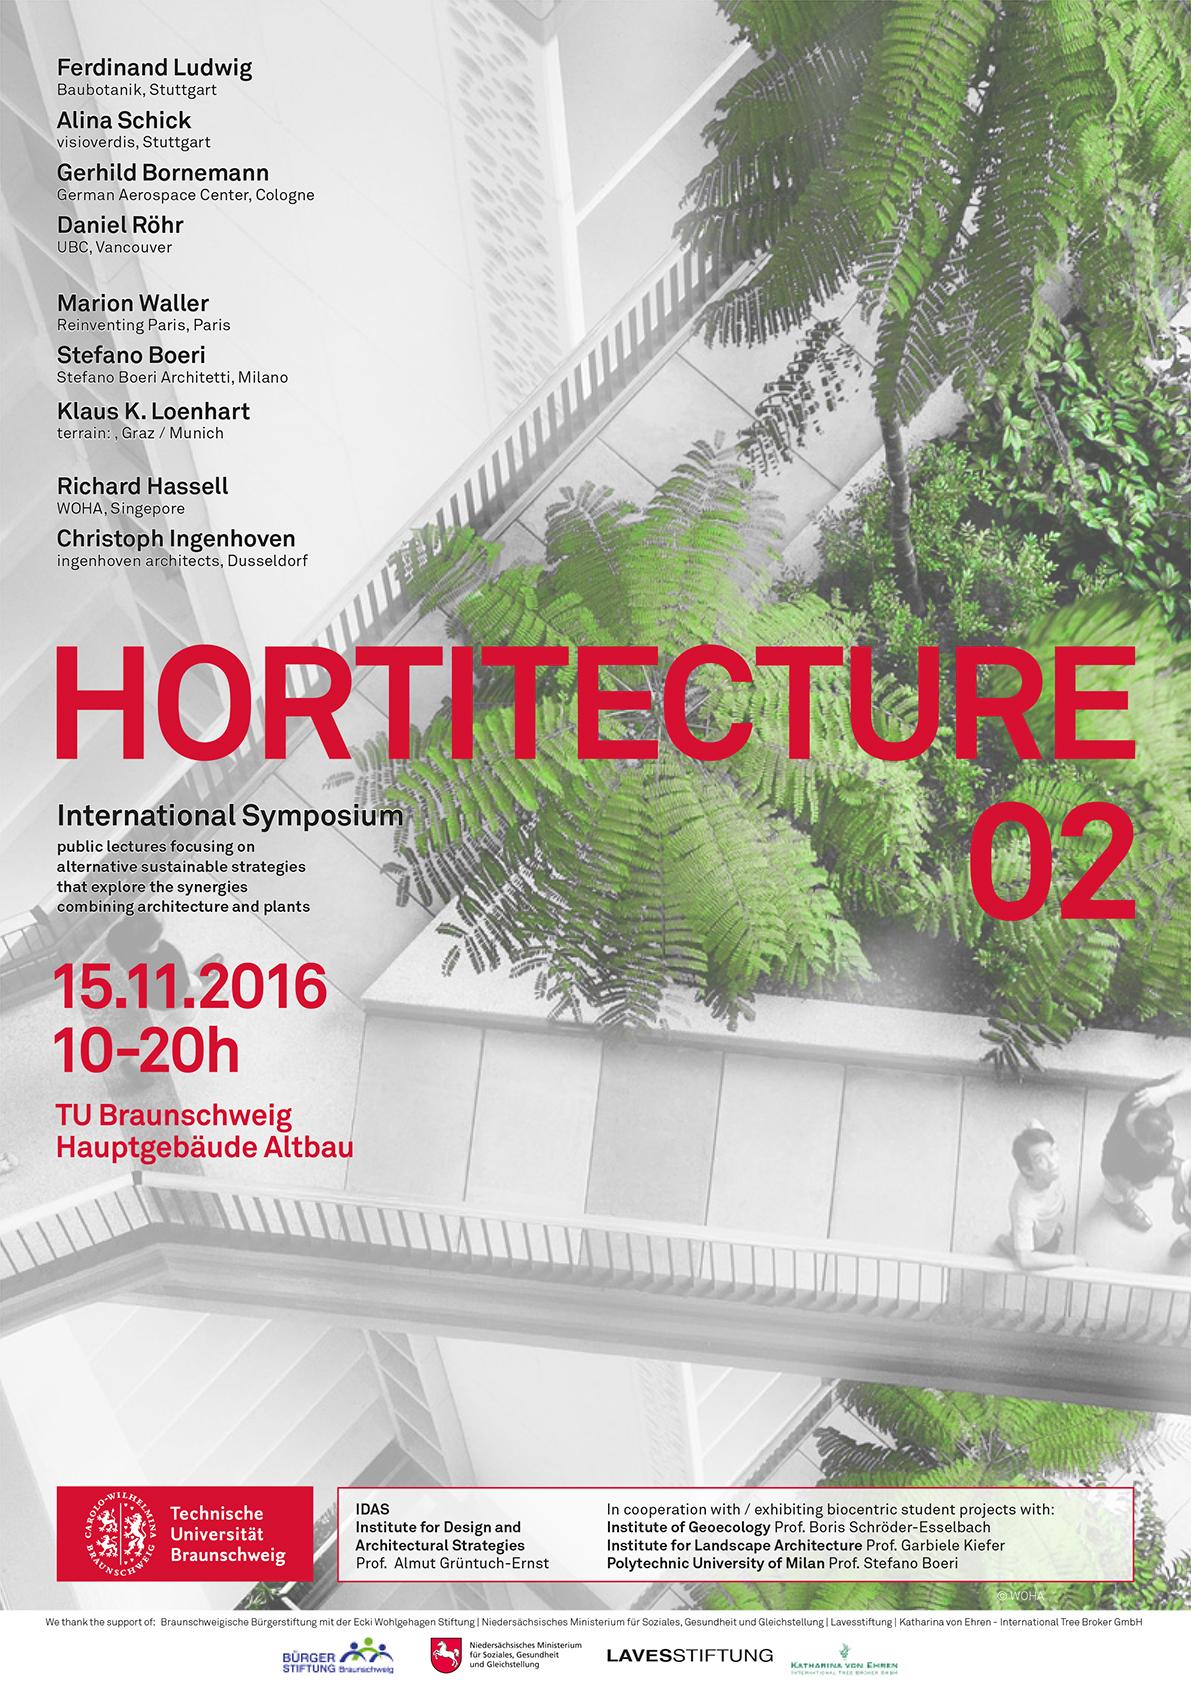 HORTITECTURE 02